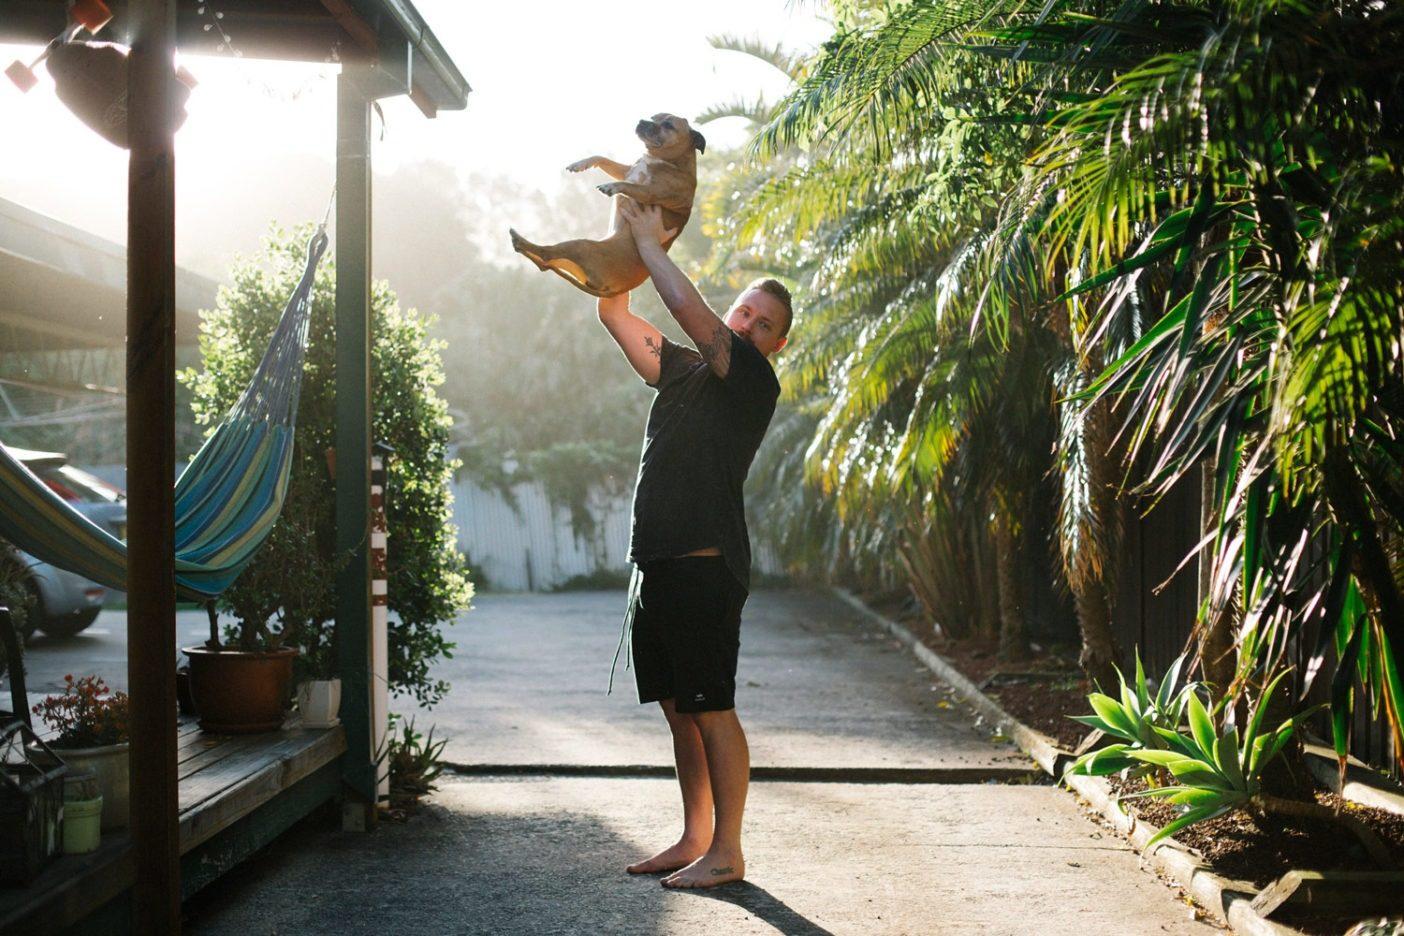 レイと大人気の彼の犬。Photo: Donnie Hedden